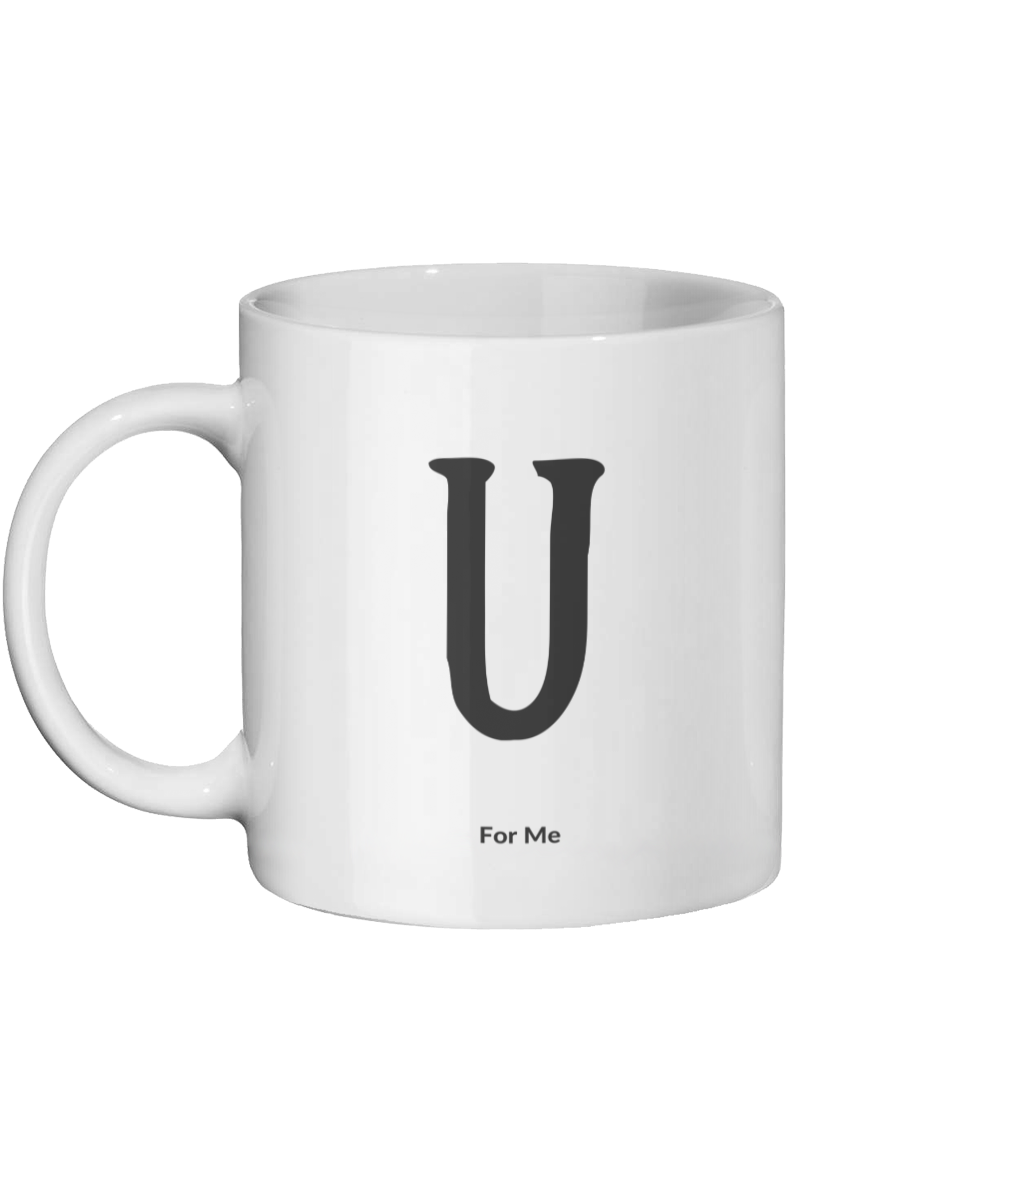 U For Me Mug Left-side